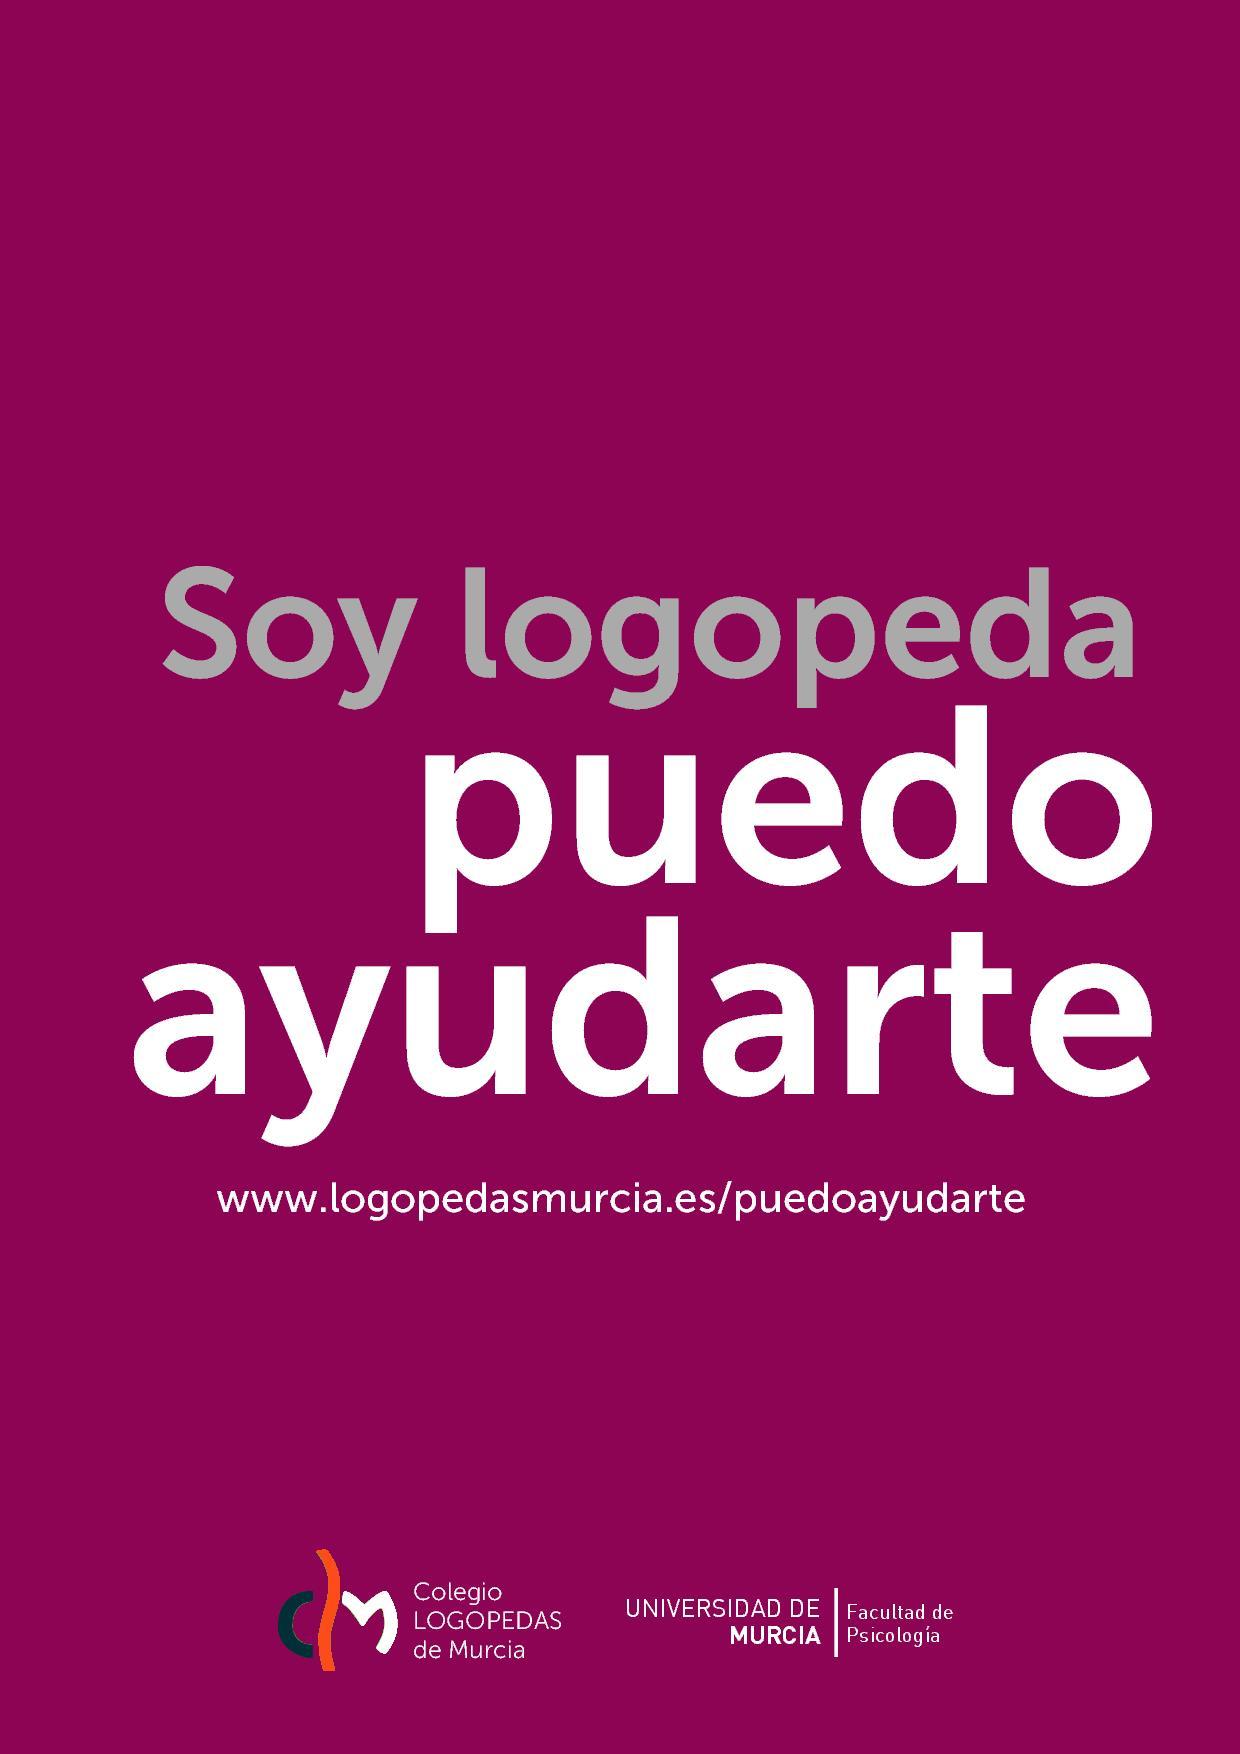 Vía Col.Logopedas Murcia